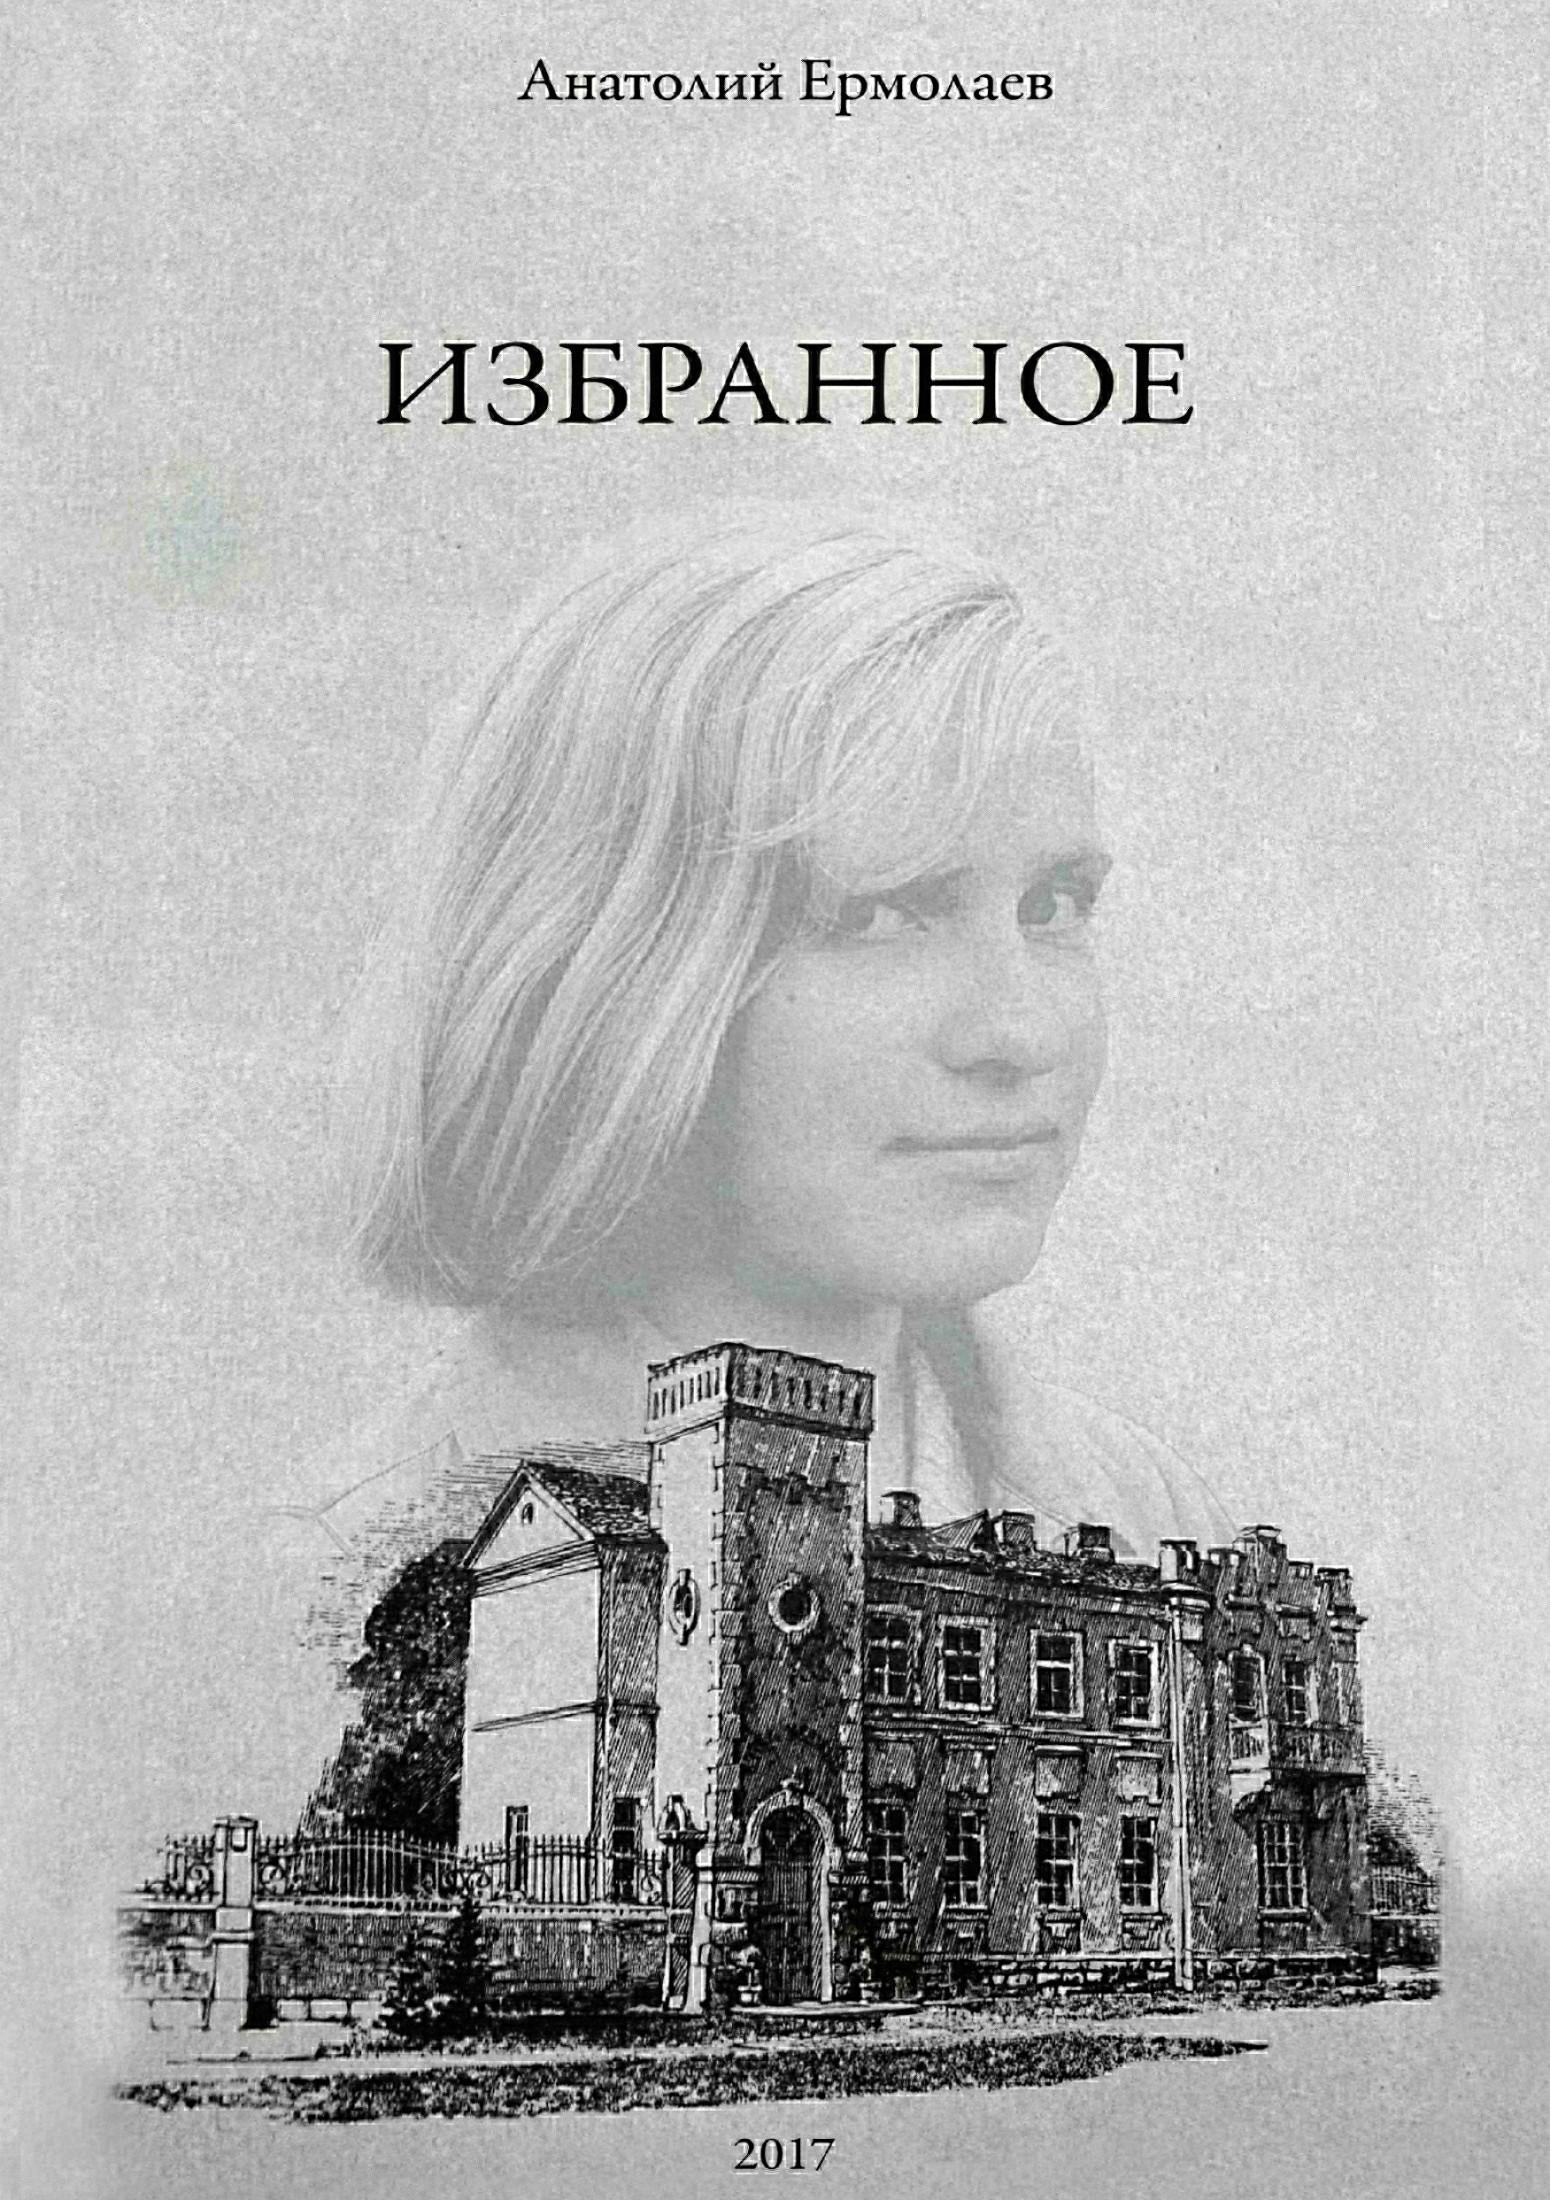 Анатолий Иванович Ермолаев Избранное. Сборник стихов василий шукшин избранное 3 dvd